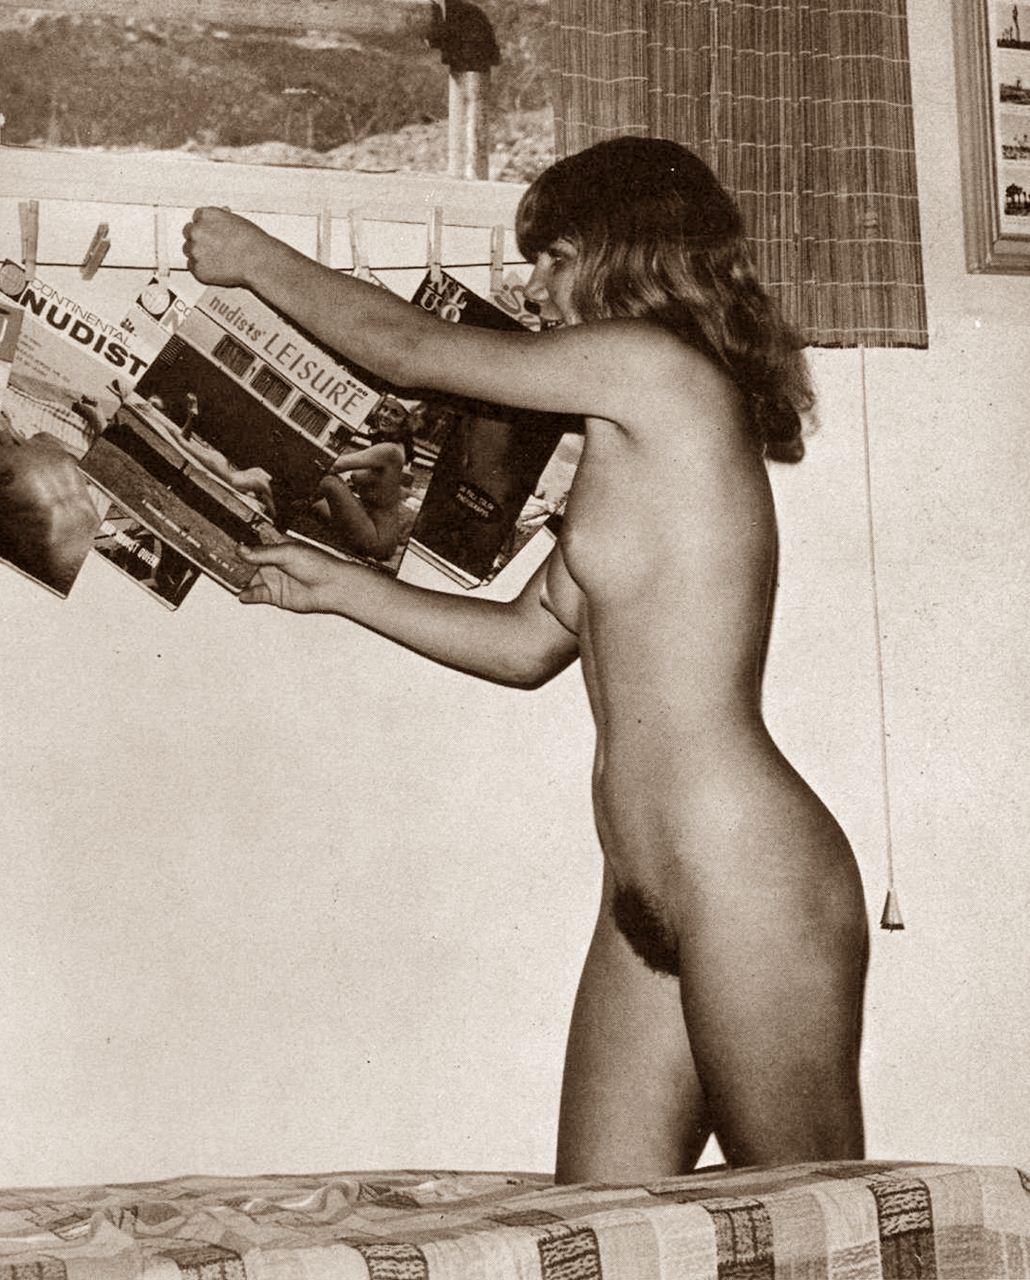 Agree, very vintage russian nudist magazines